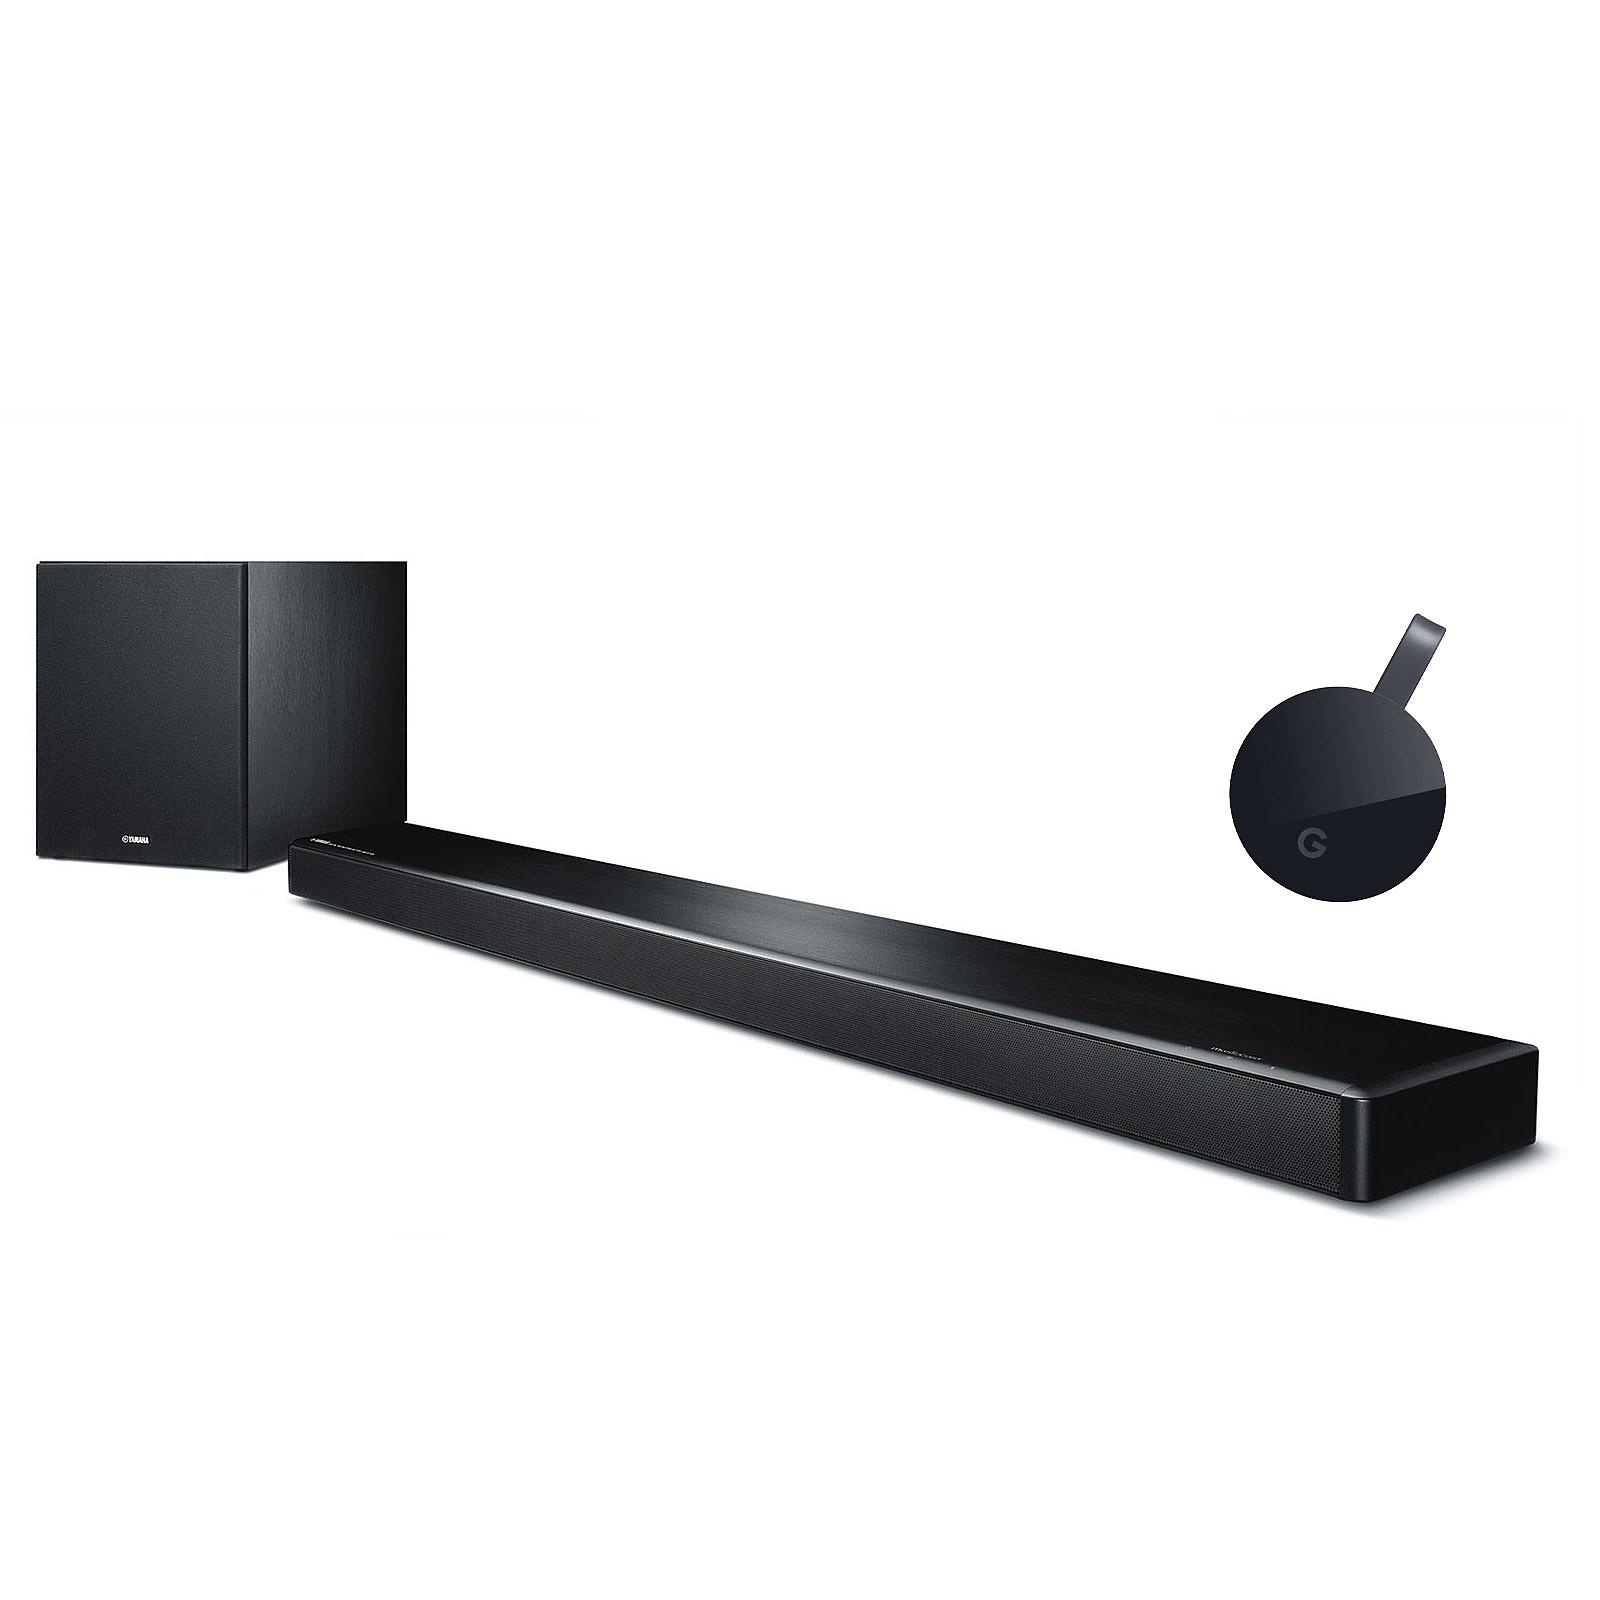 Yamaha MusicCast YSP-2700 Noir + Google Chromecast Ultra